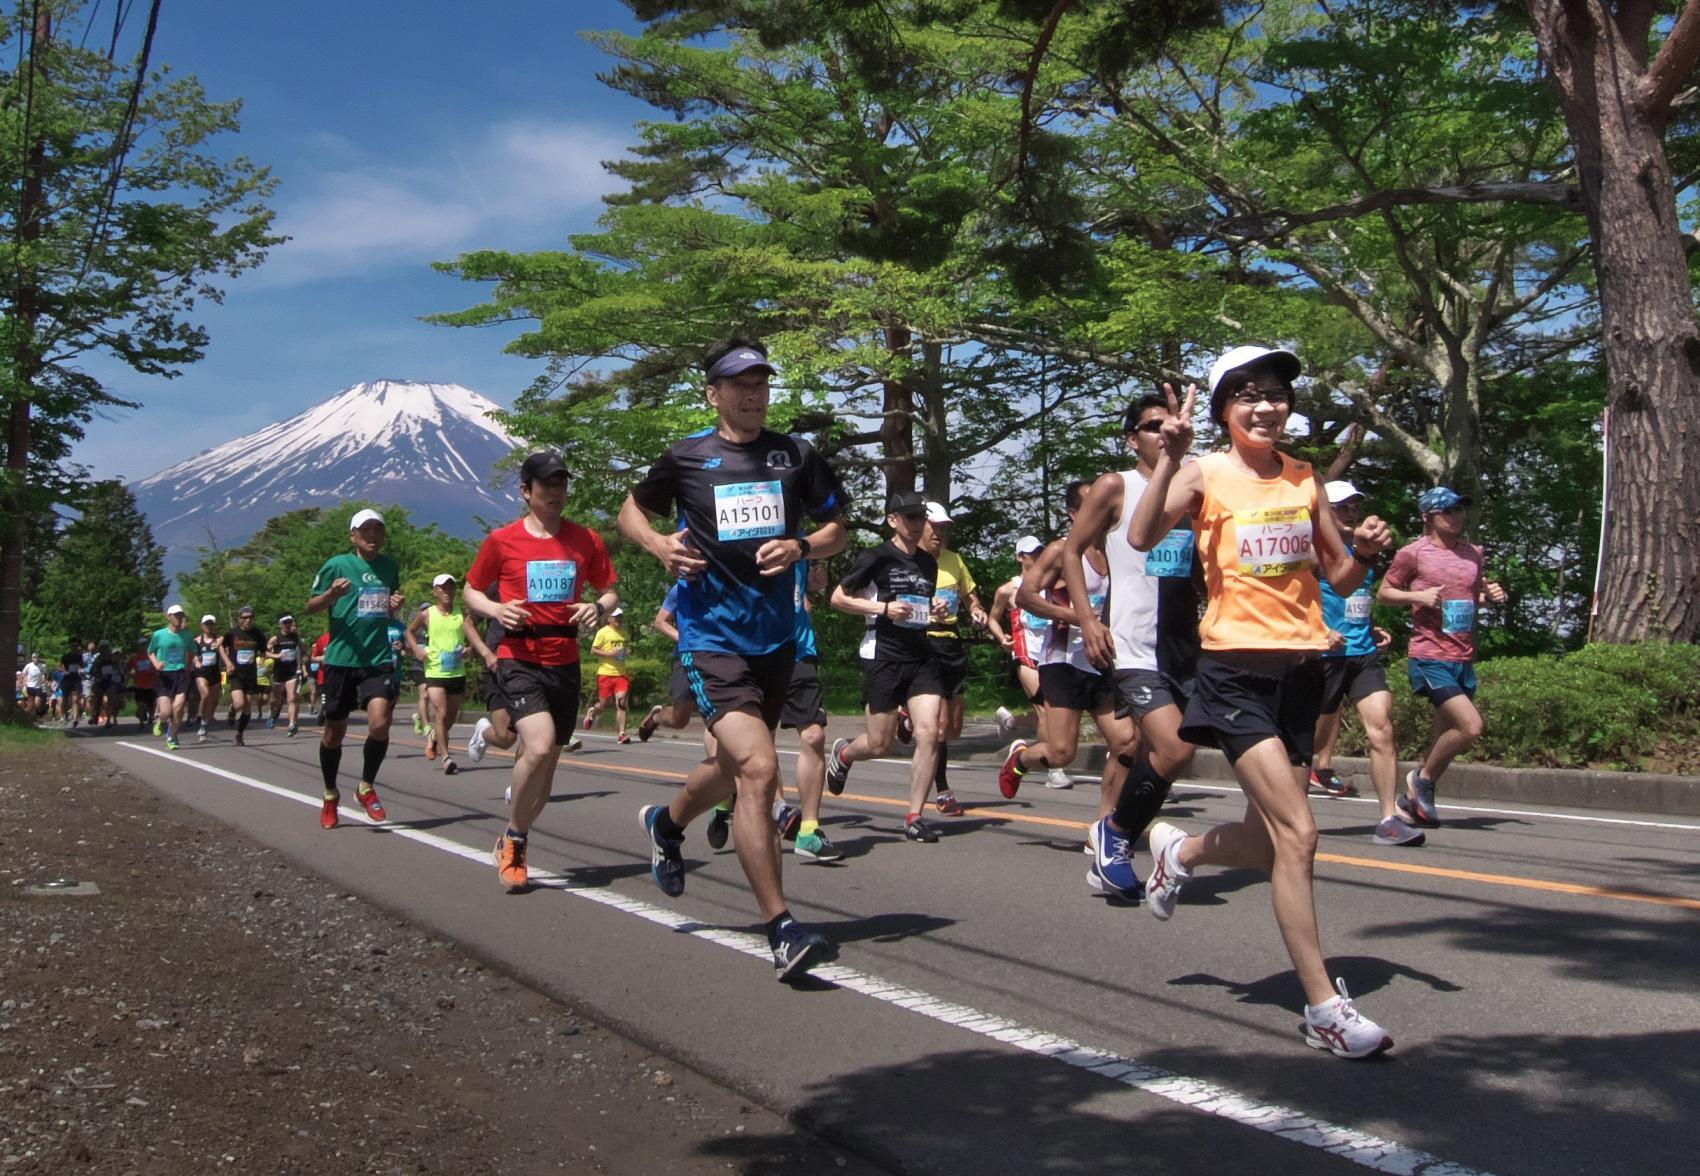 ランナー必見!富士山絶景を眺める 山中湖ロードレース開催